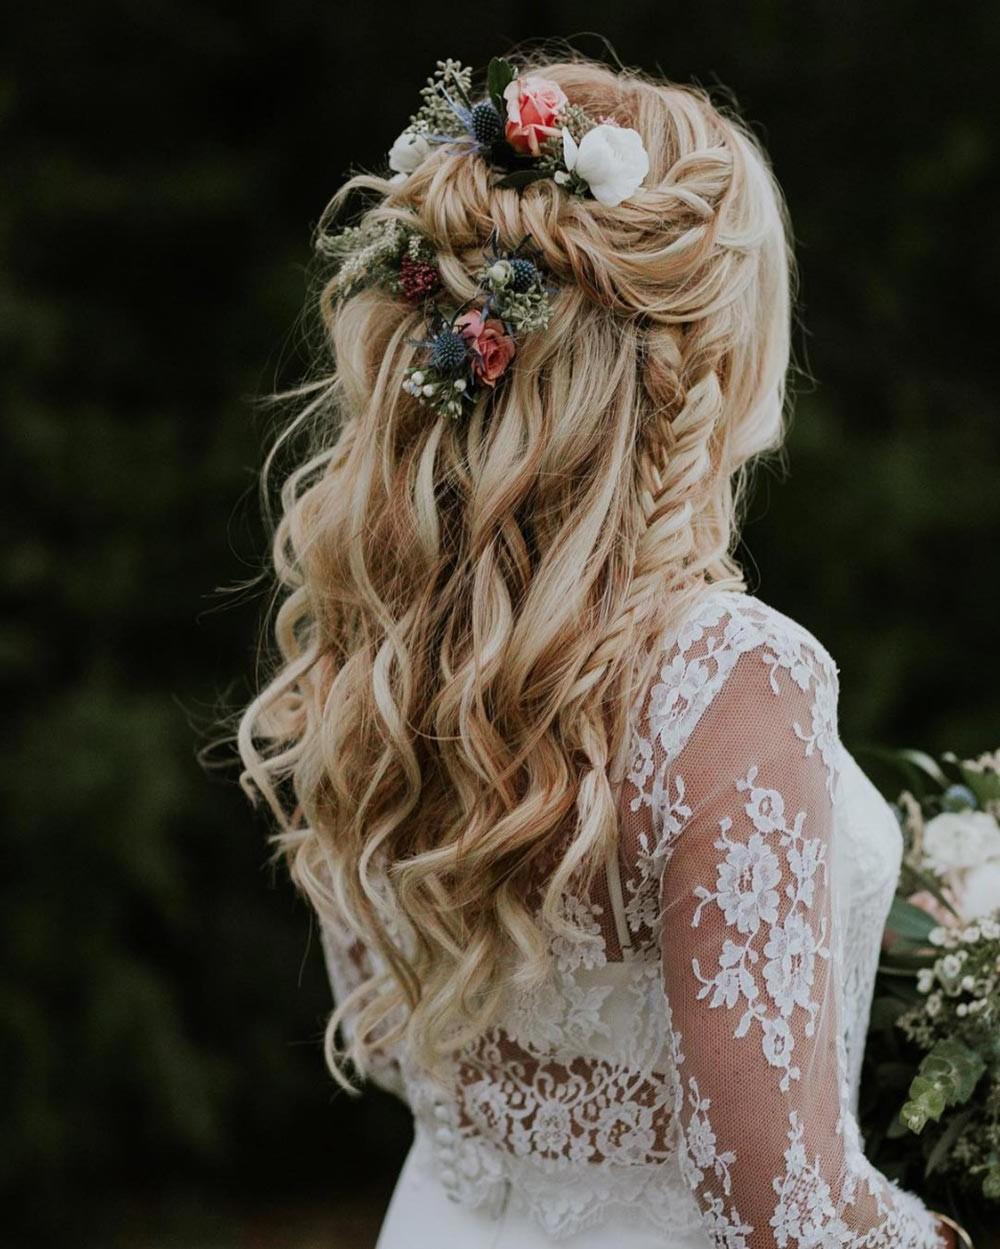 Coiffure de mariage moderne avec des fleurs.